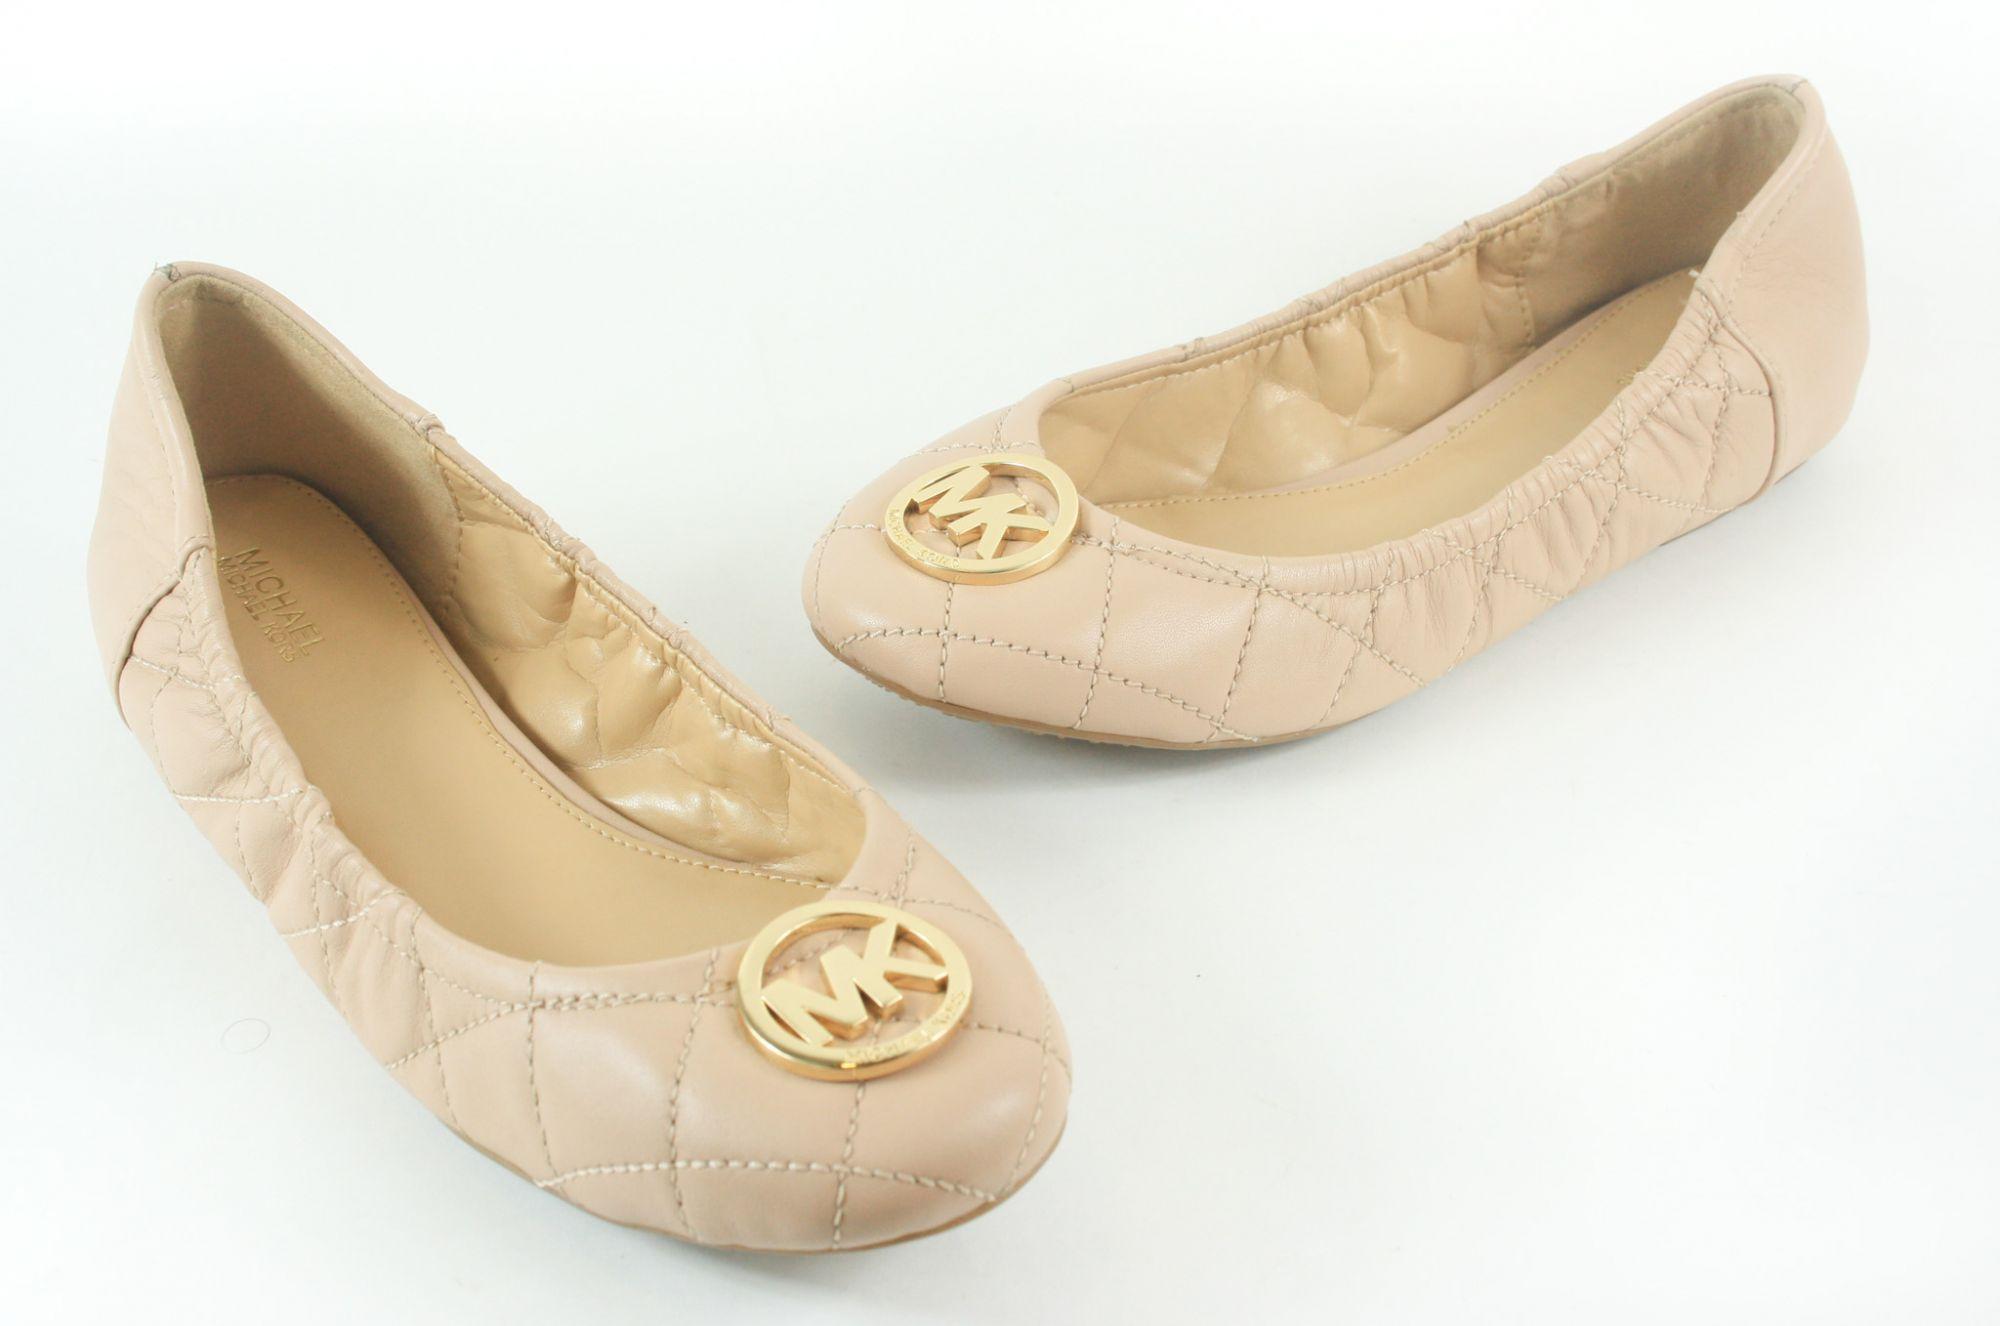 Soft Ballerina Flats